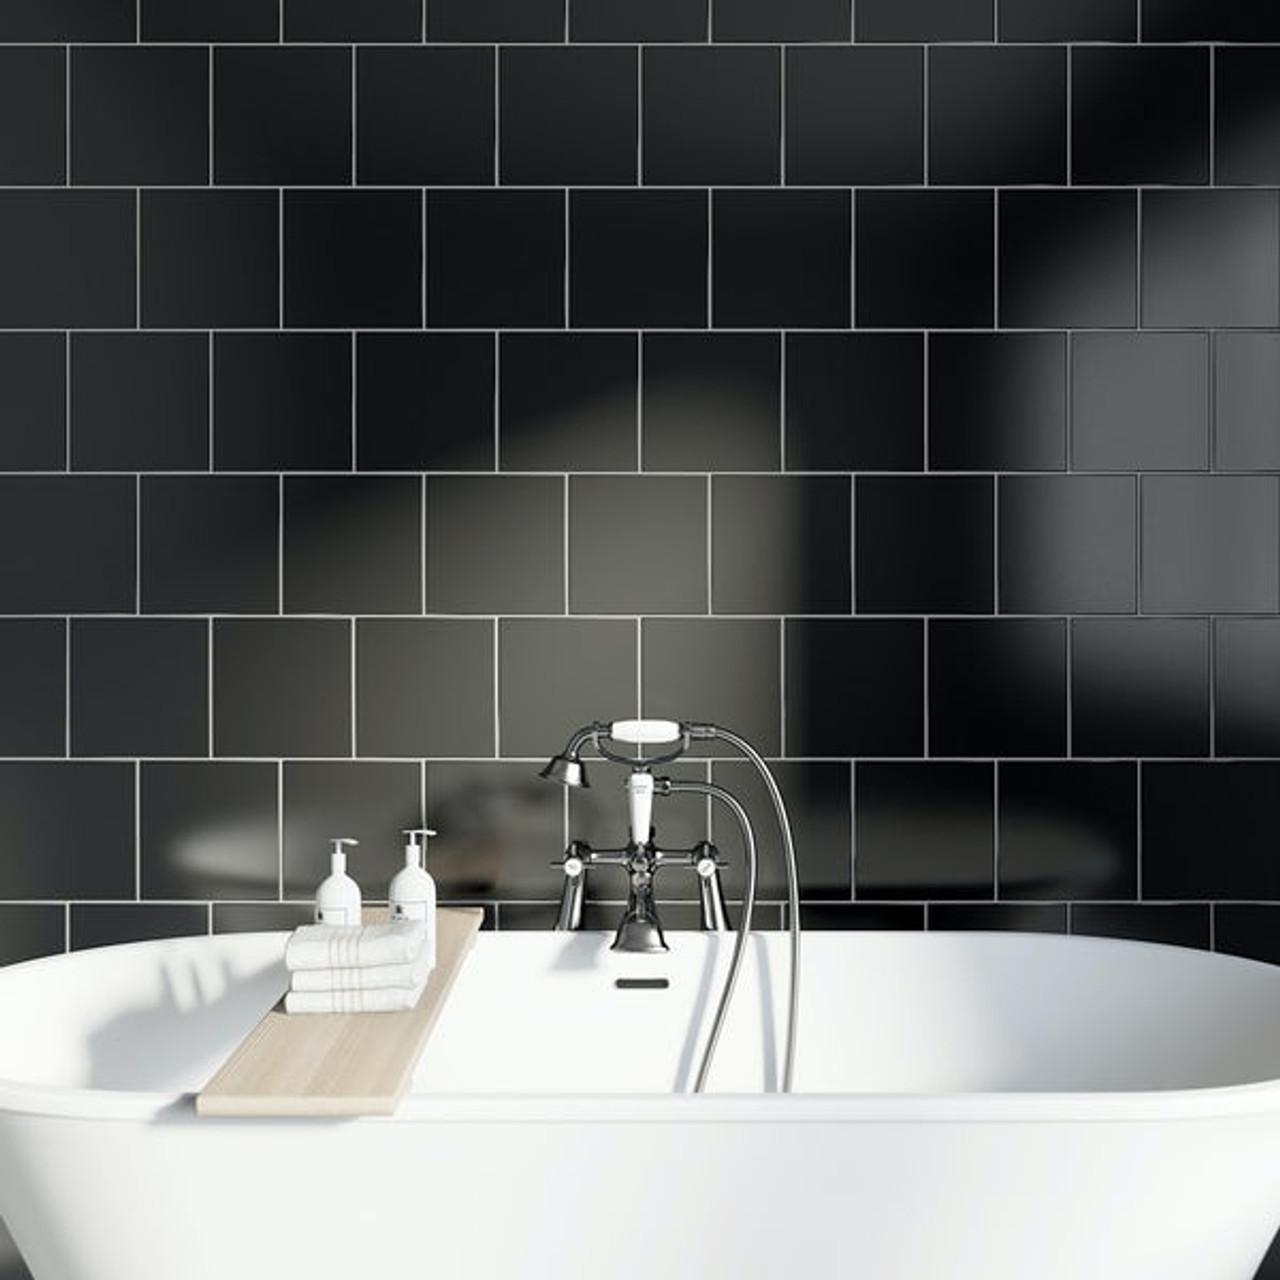 ral1500 black matt 15 tile space